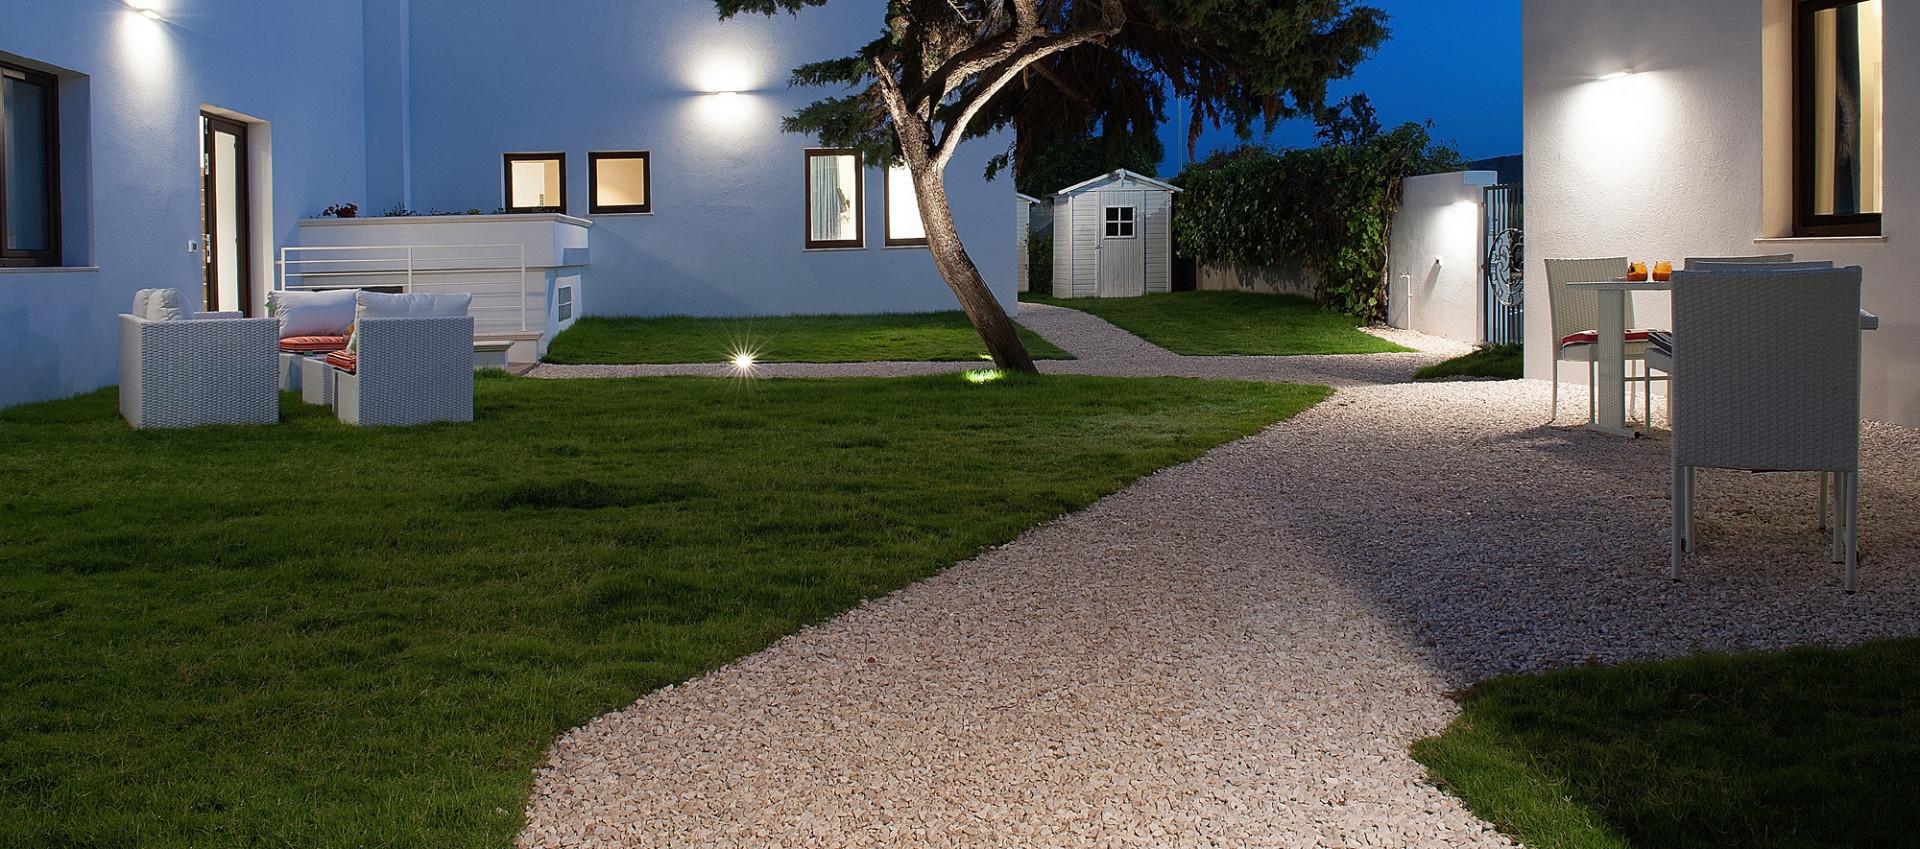 Arredo giardino moderno con giardino scosceso soluzioni for Arredo giardino moderno